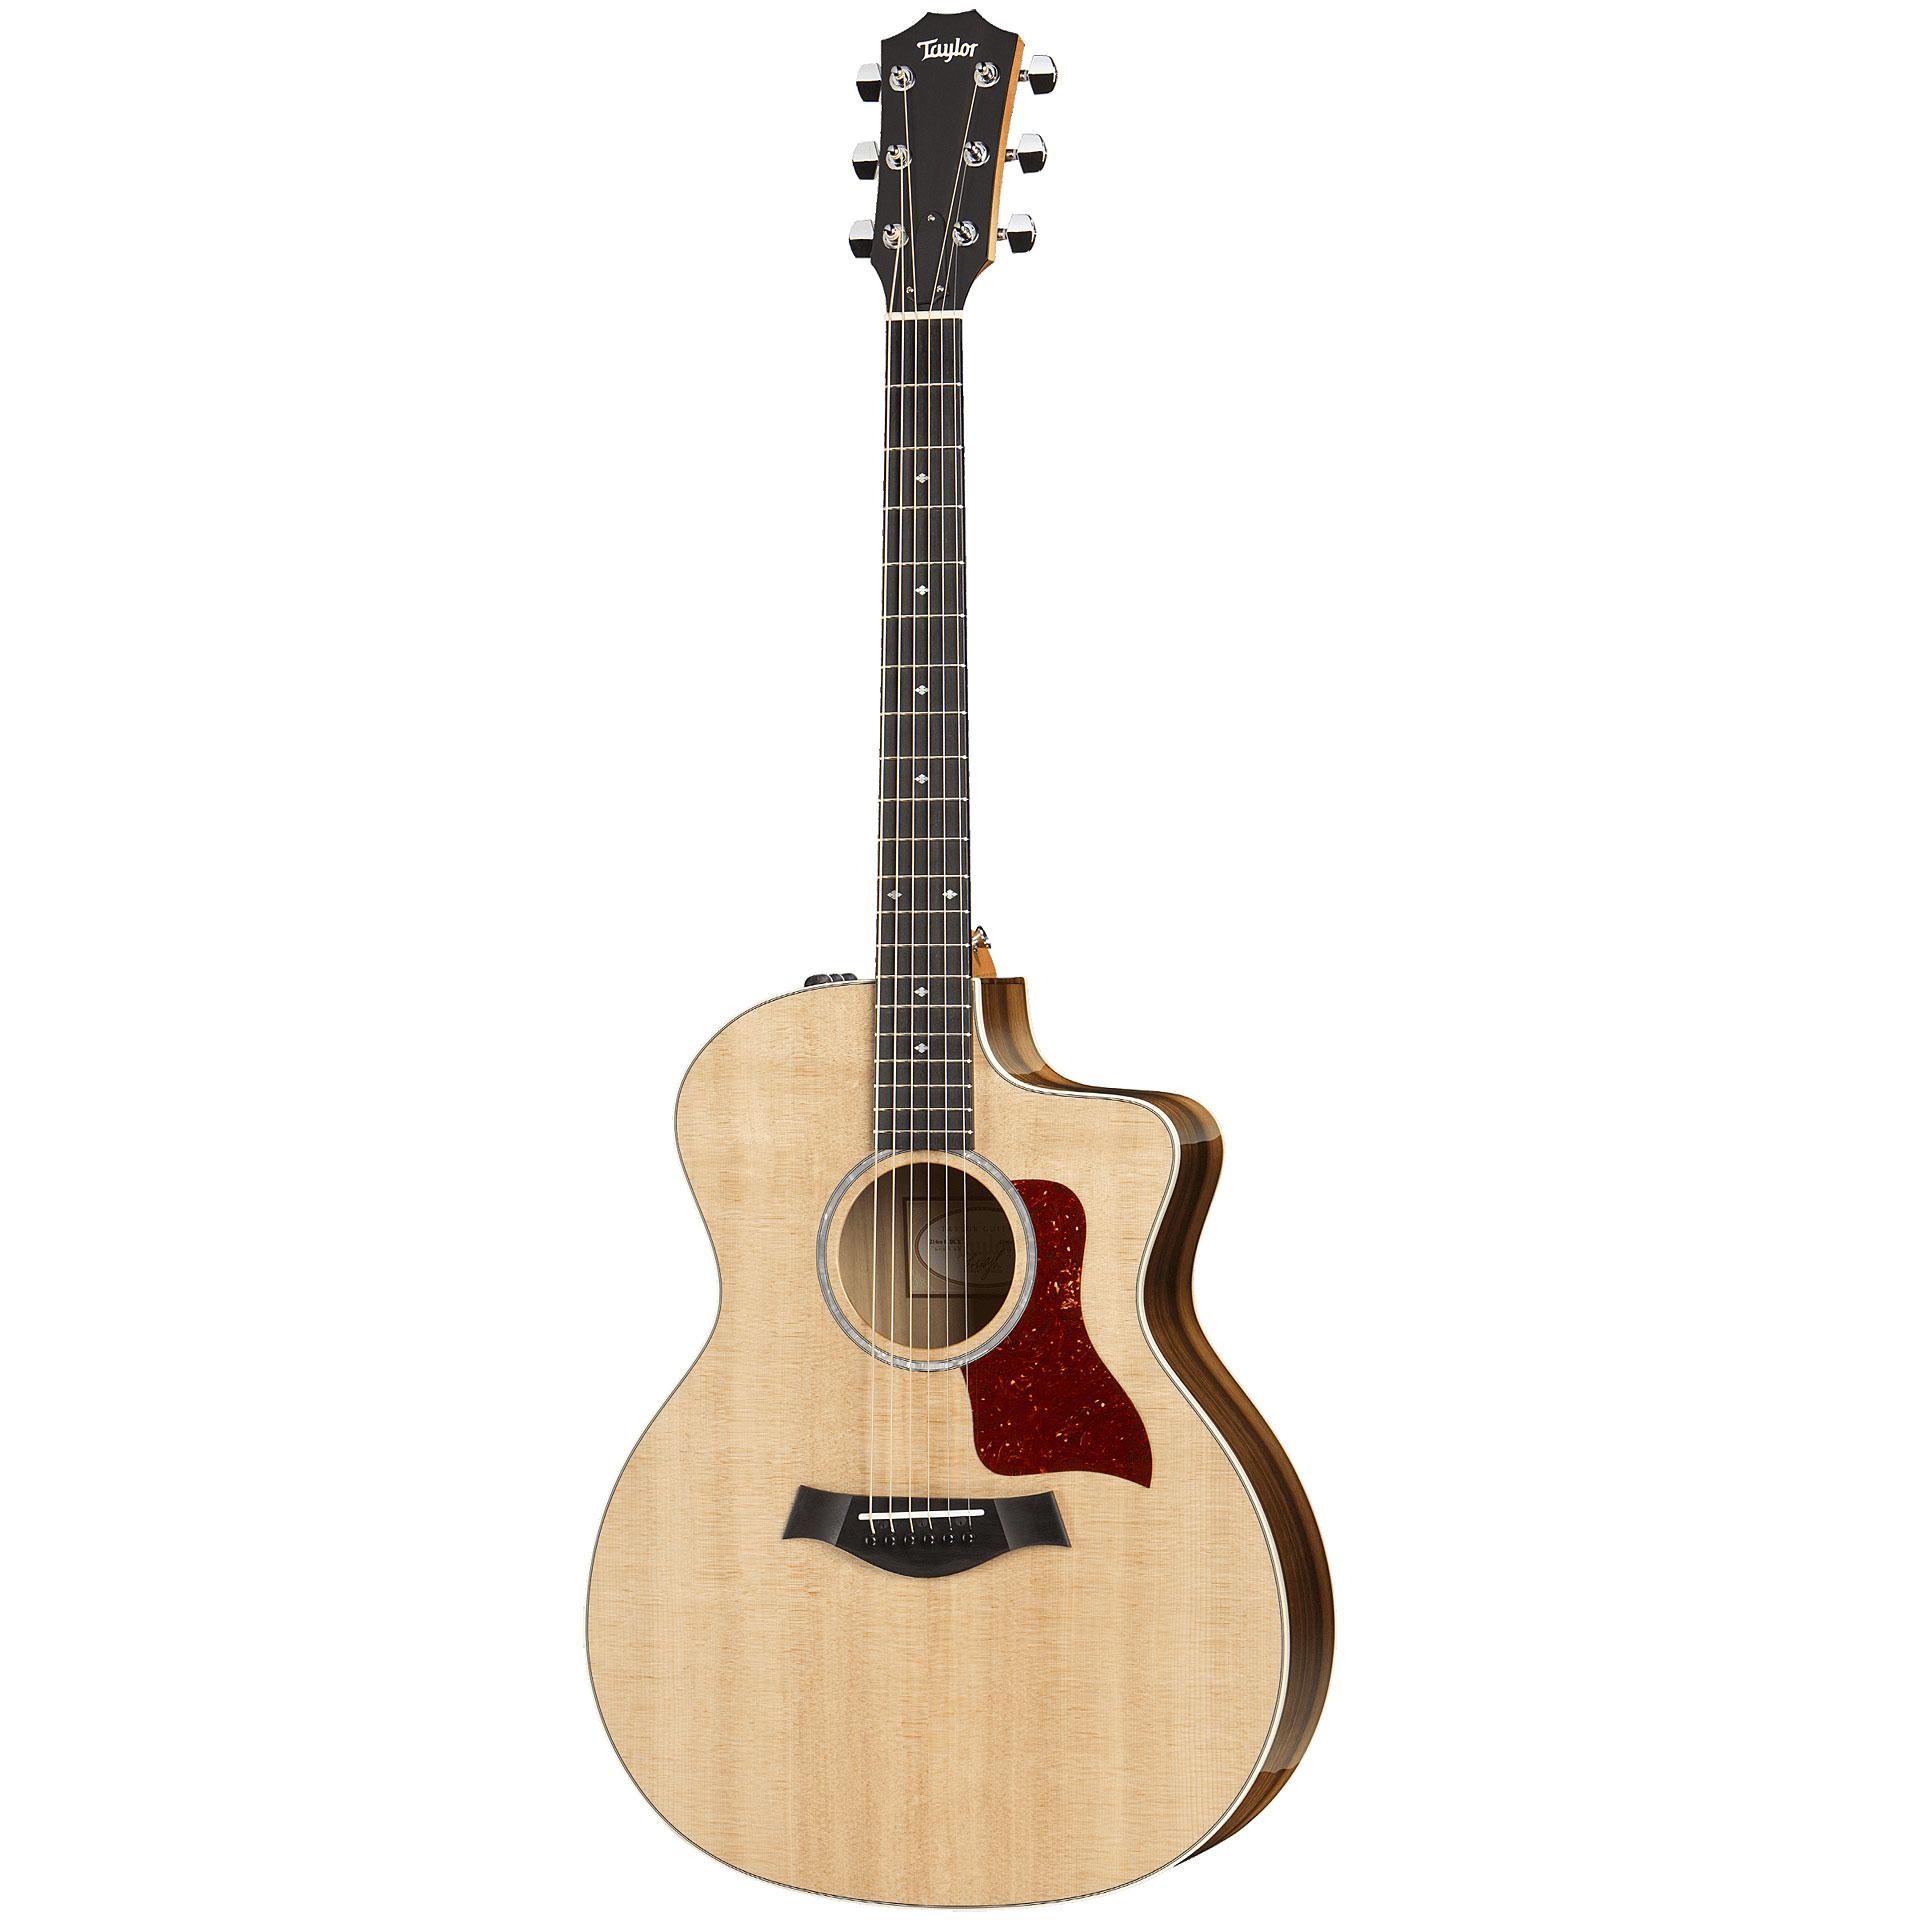 taylor 214ce k dlx acoustic guitar musik produktiv. Black Bedroom Furniture Sets. Home Design Ideas